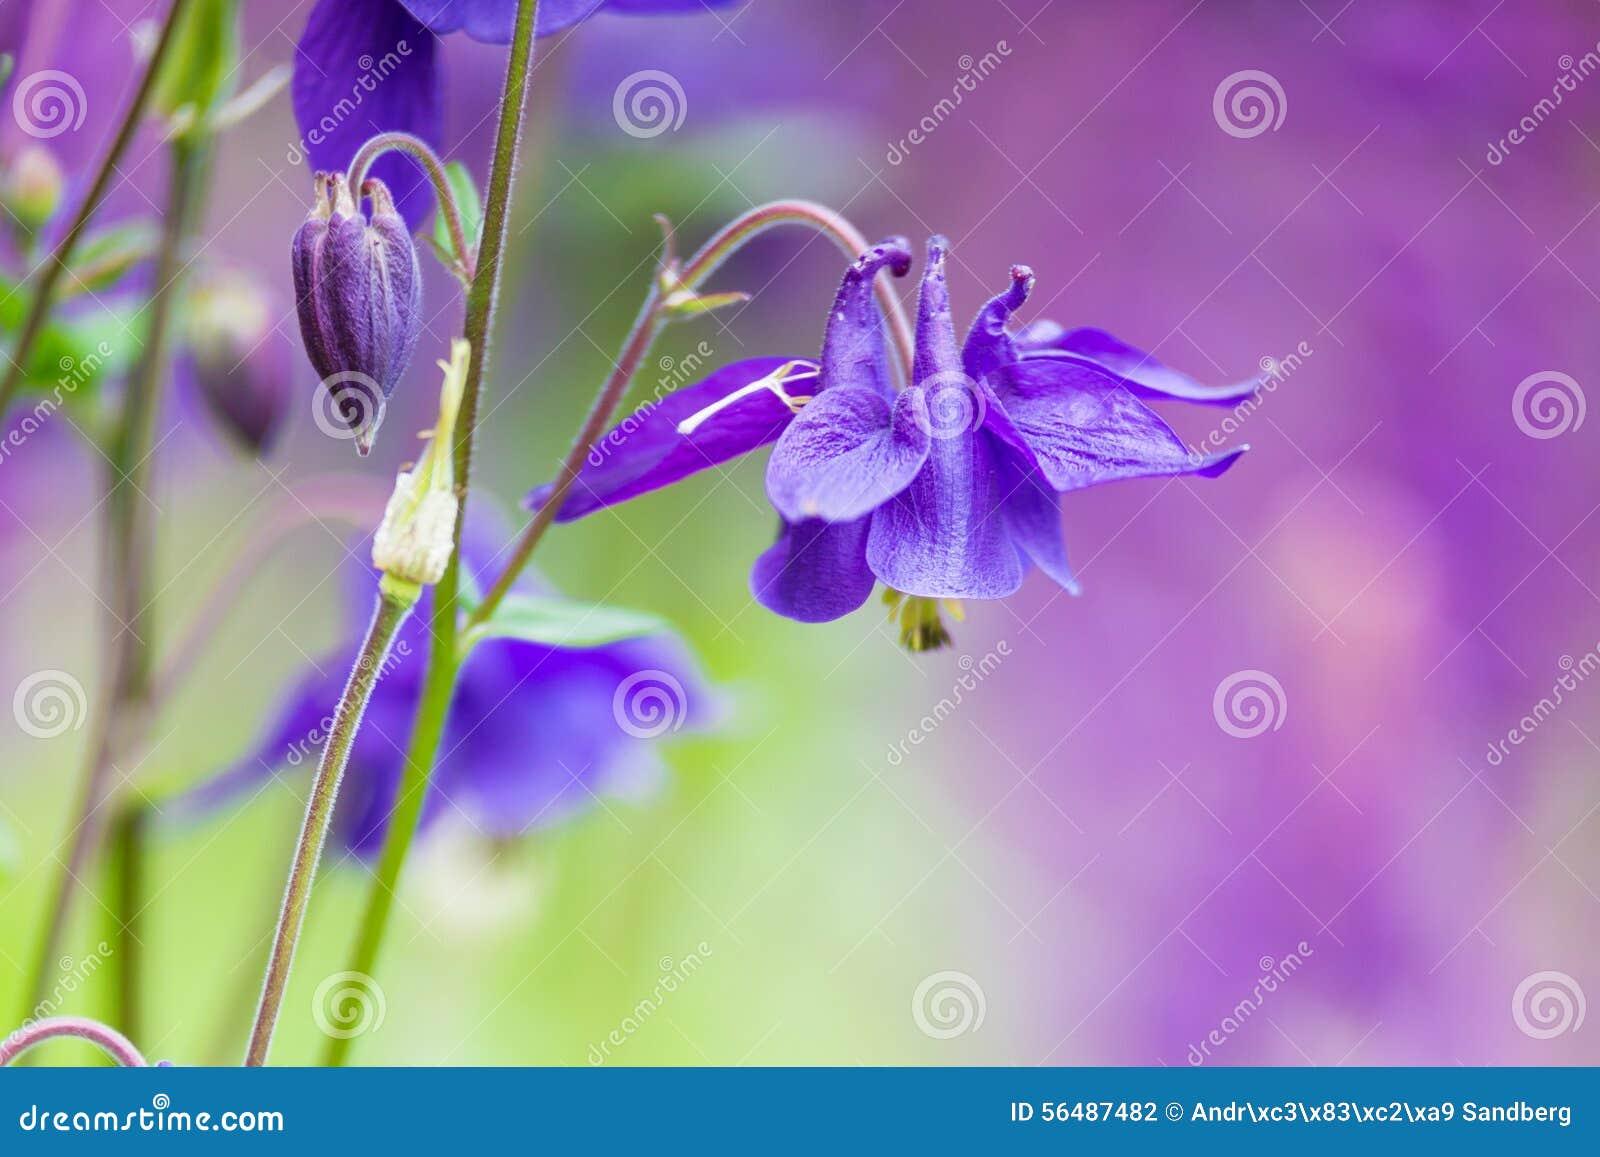 Belles fleurs de jacinthe des bois avec le fond trouble